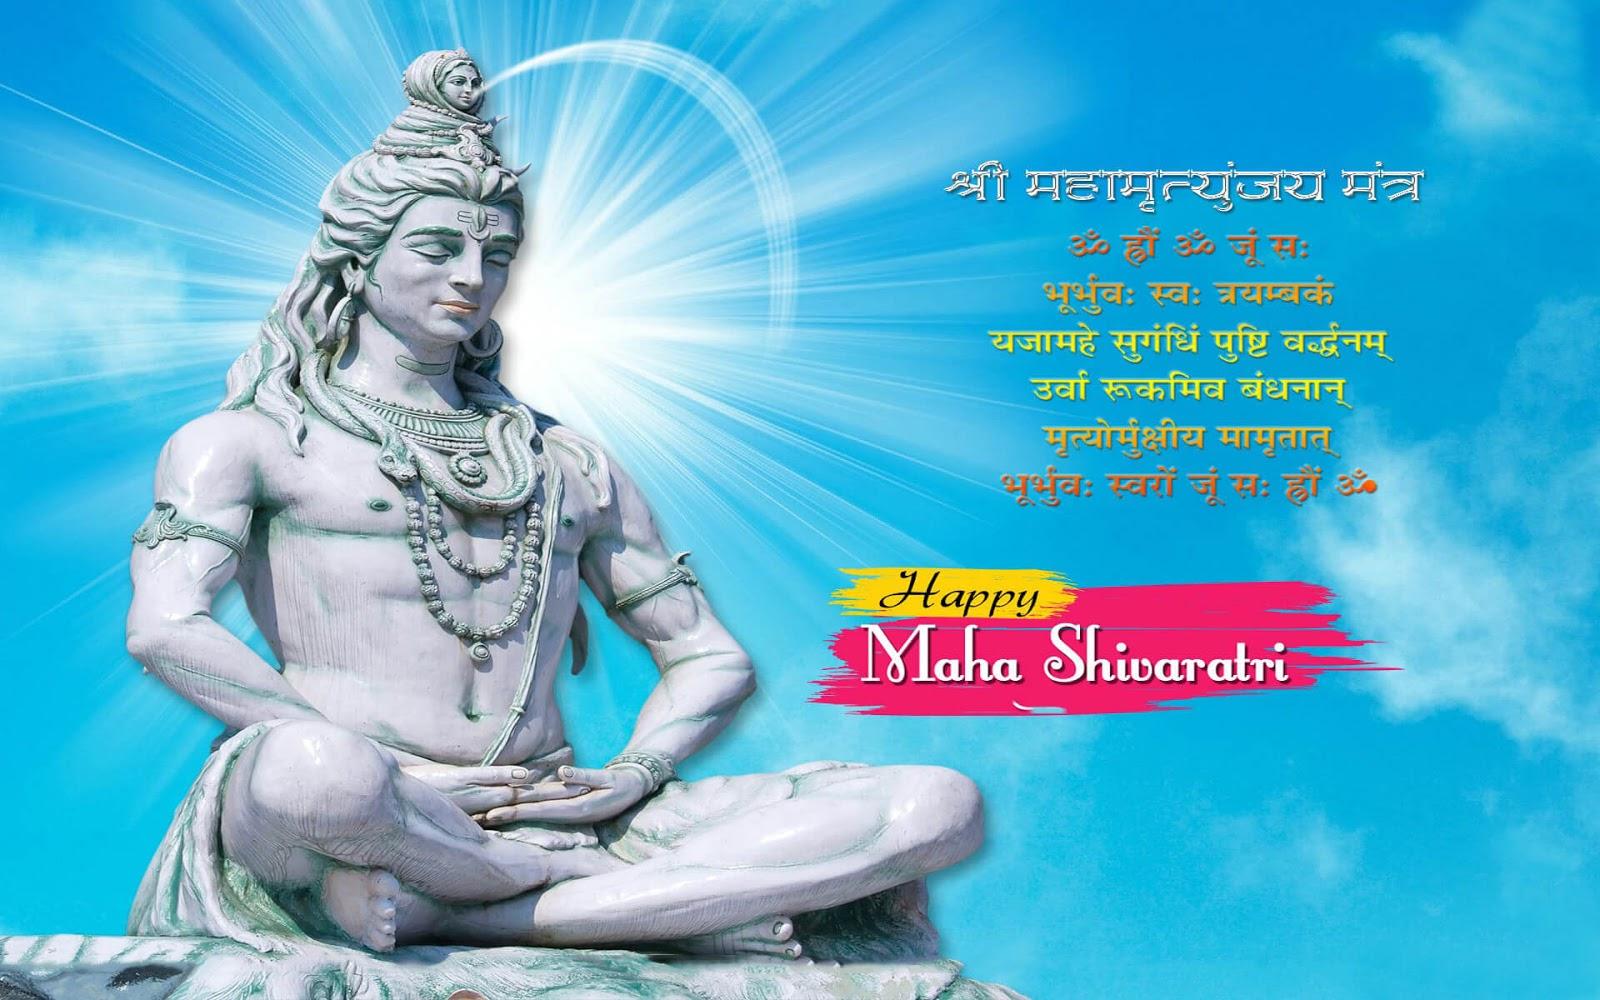 Maha Shivratri HD Pictures Download